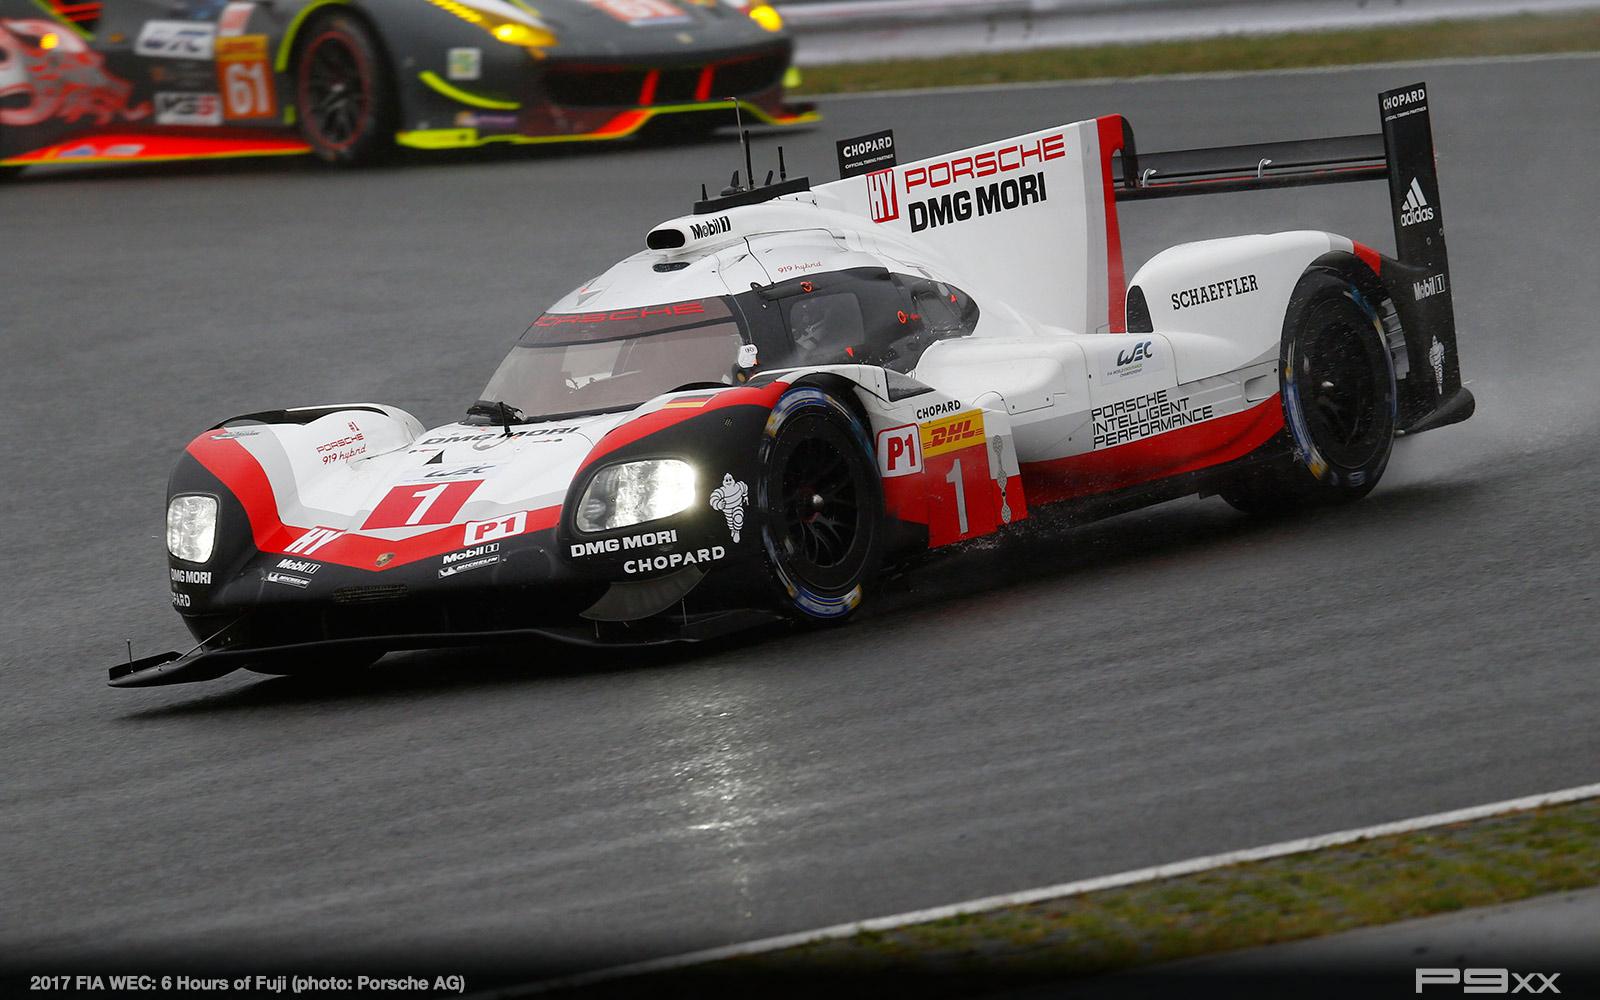 2017-FIA-WEC-6h-of-Fuji-Porsche-446